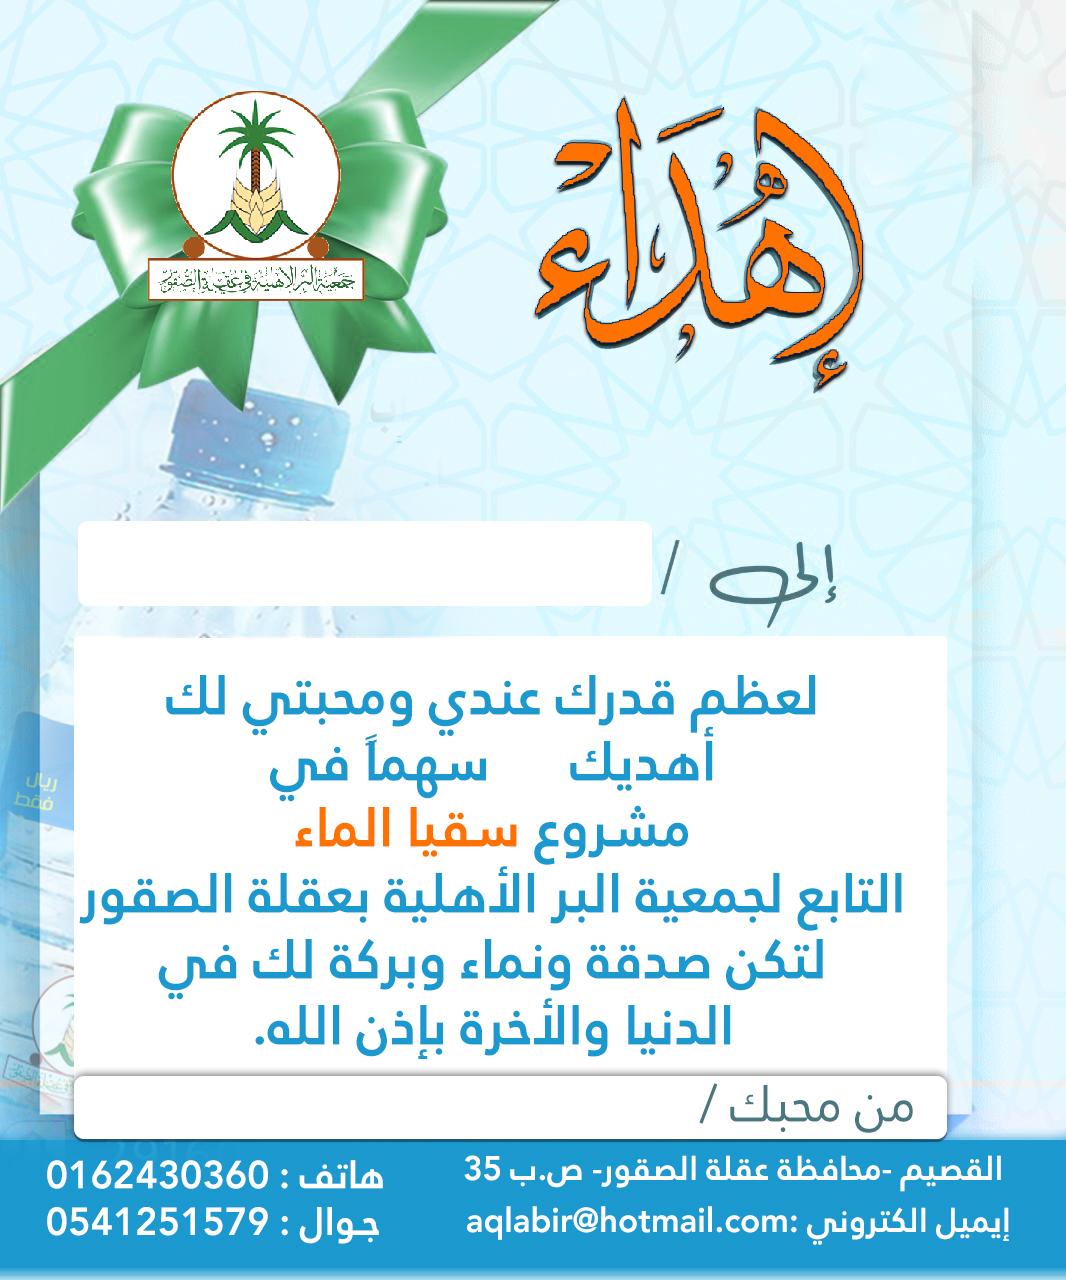 جمعية البر الأهلية بمحافظة عقلة الصقور سقيا الماء